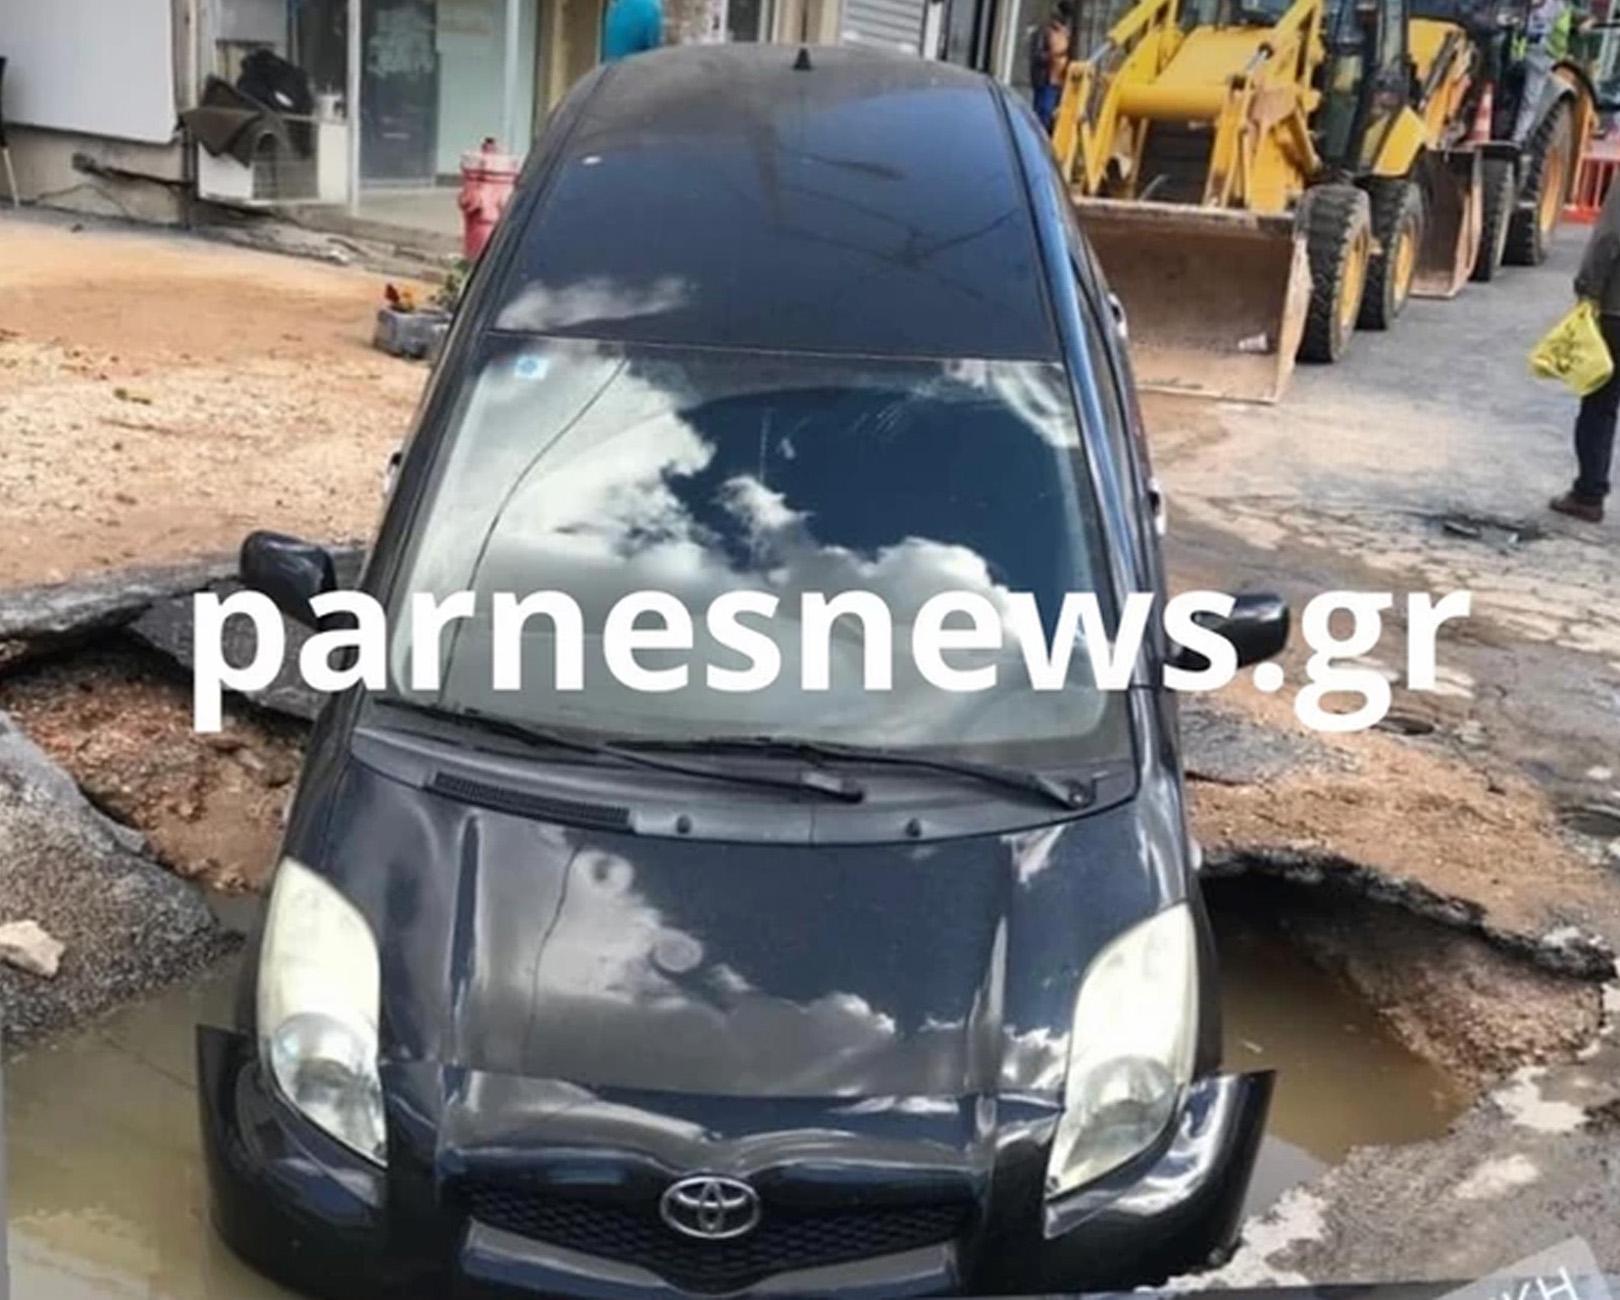 Αχαρνές: Ο δρόμος κατάπιε ένα αυτοκίνητο στη Λεωφόρο Πάρνηθας (pics)